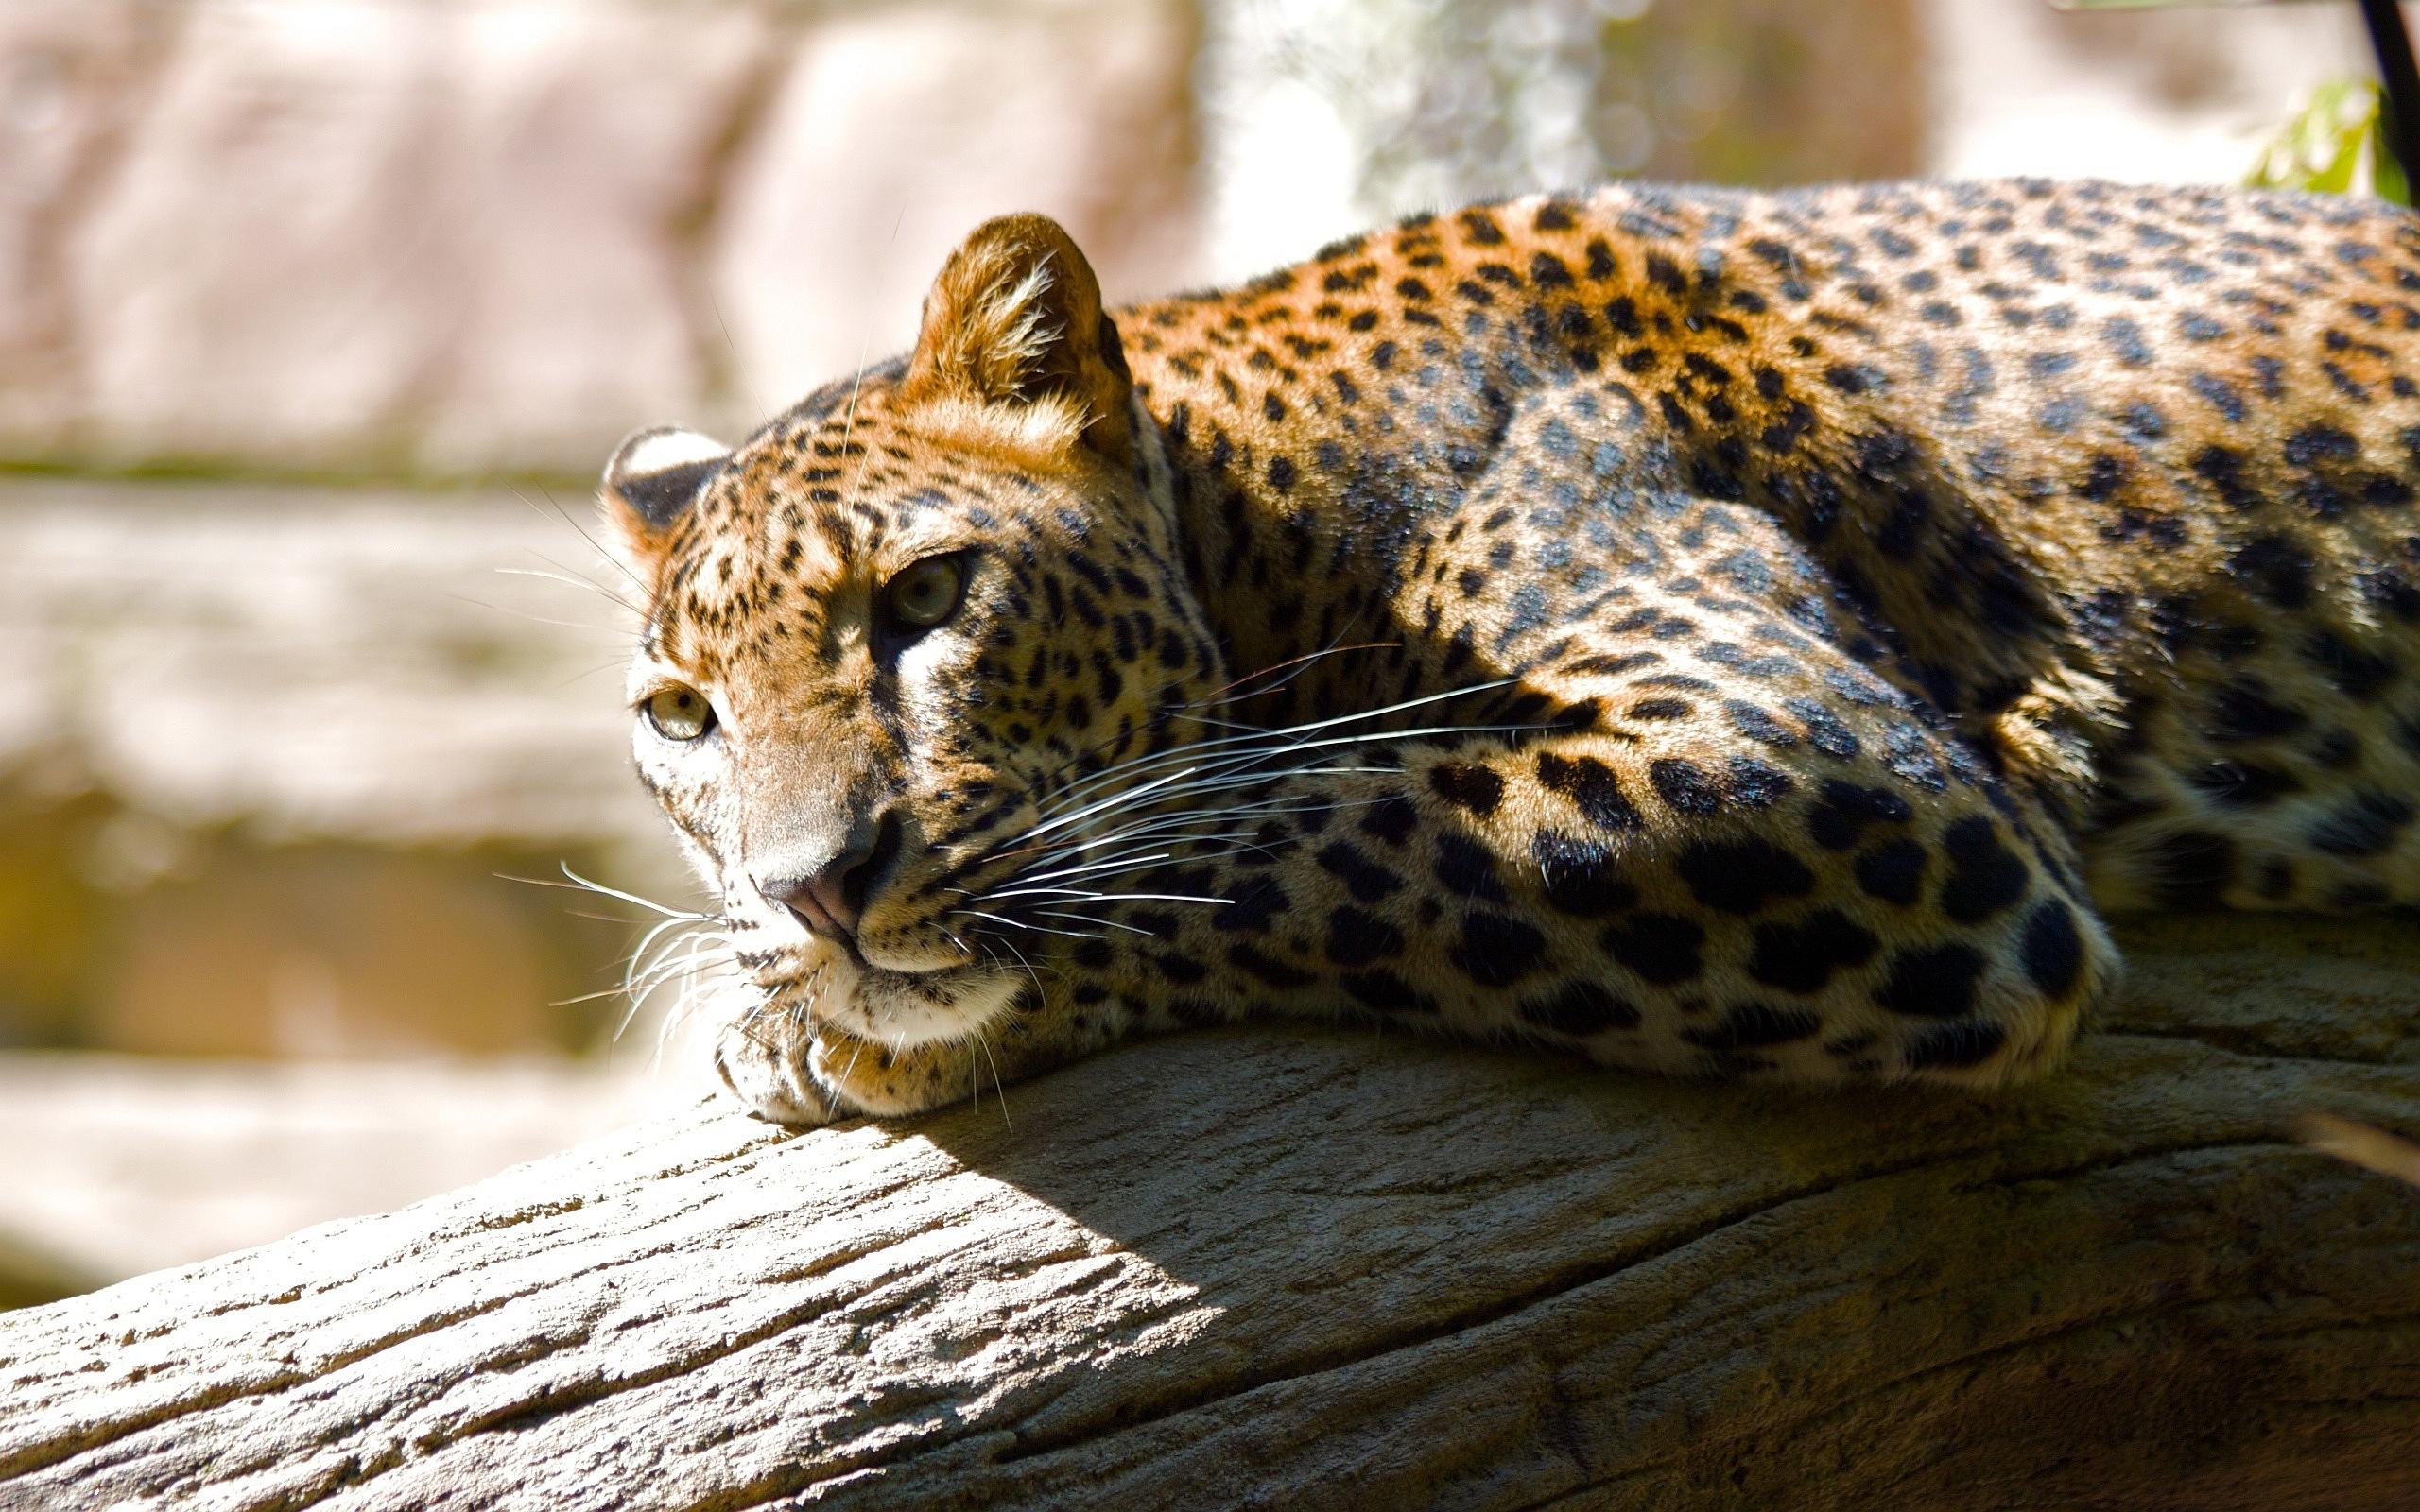 leopard images hd